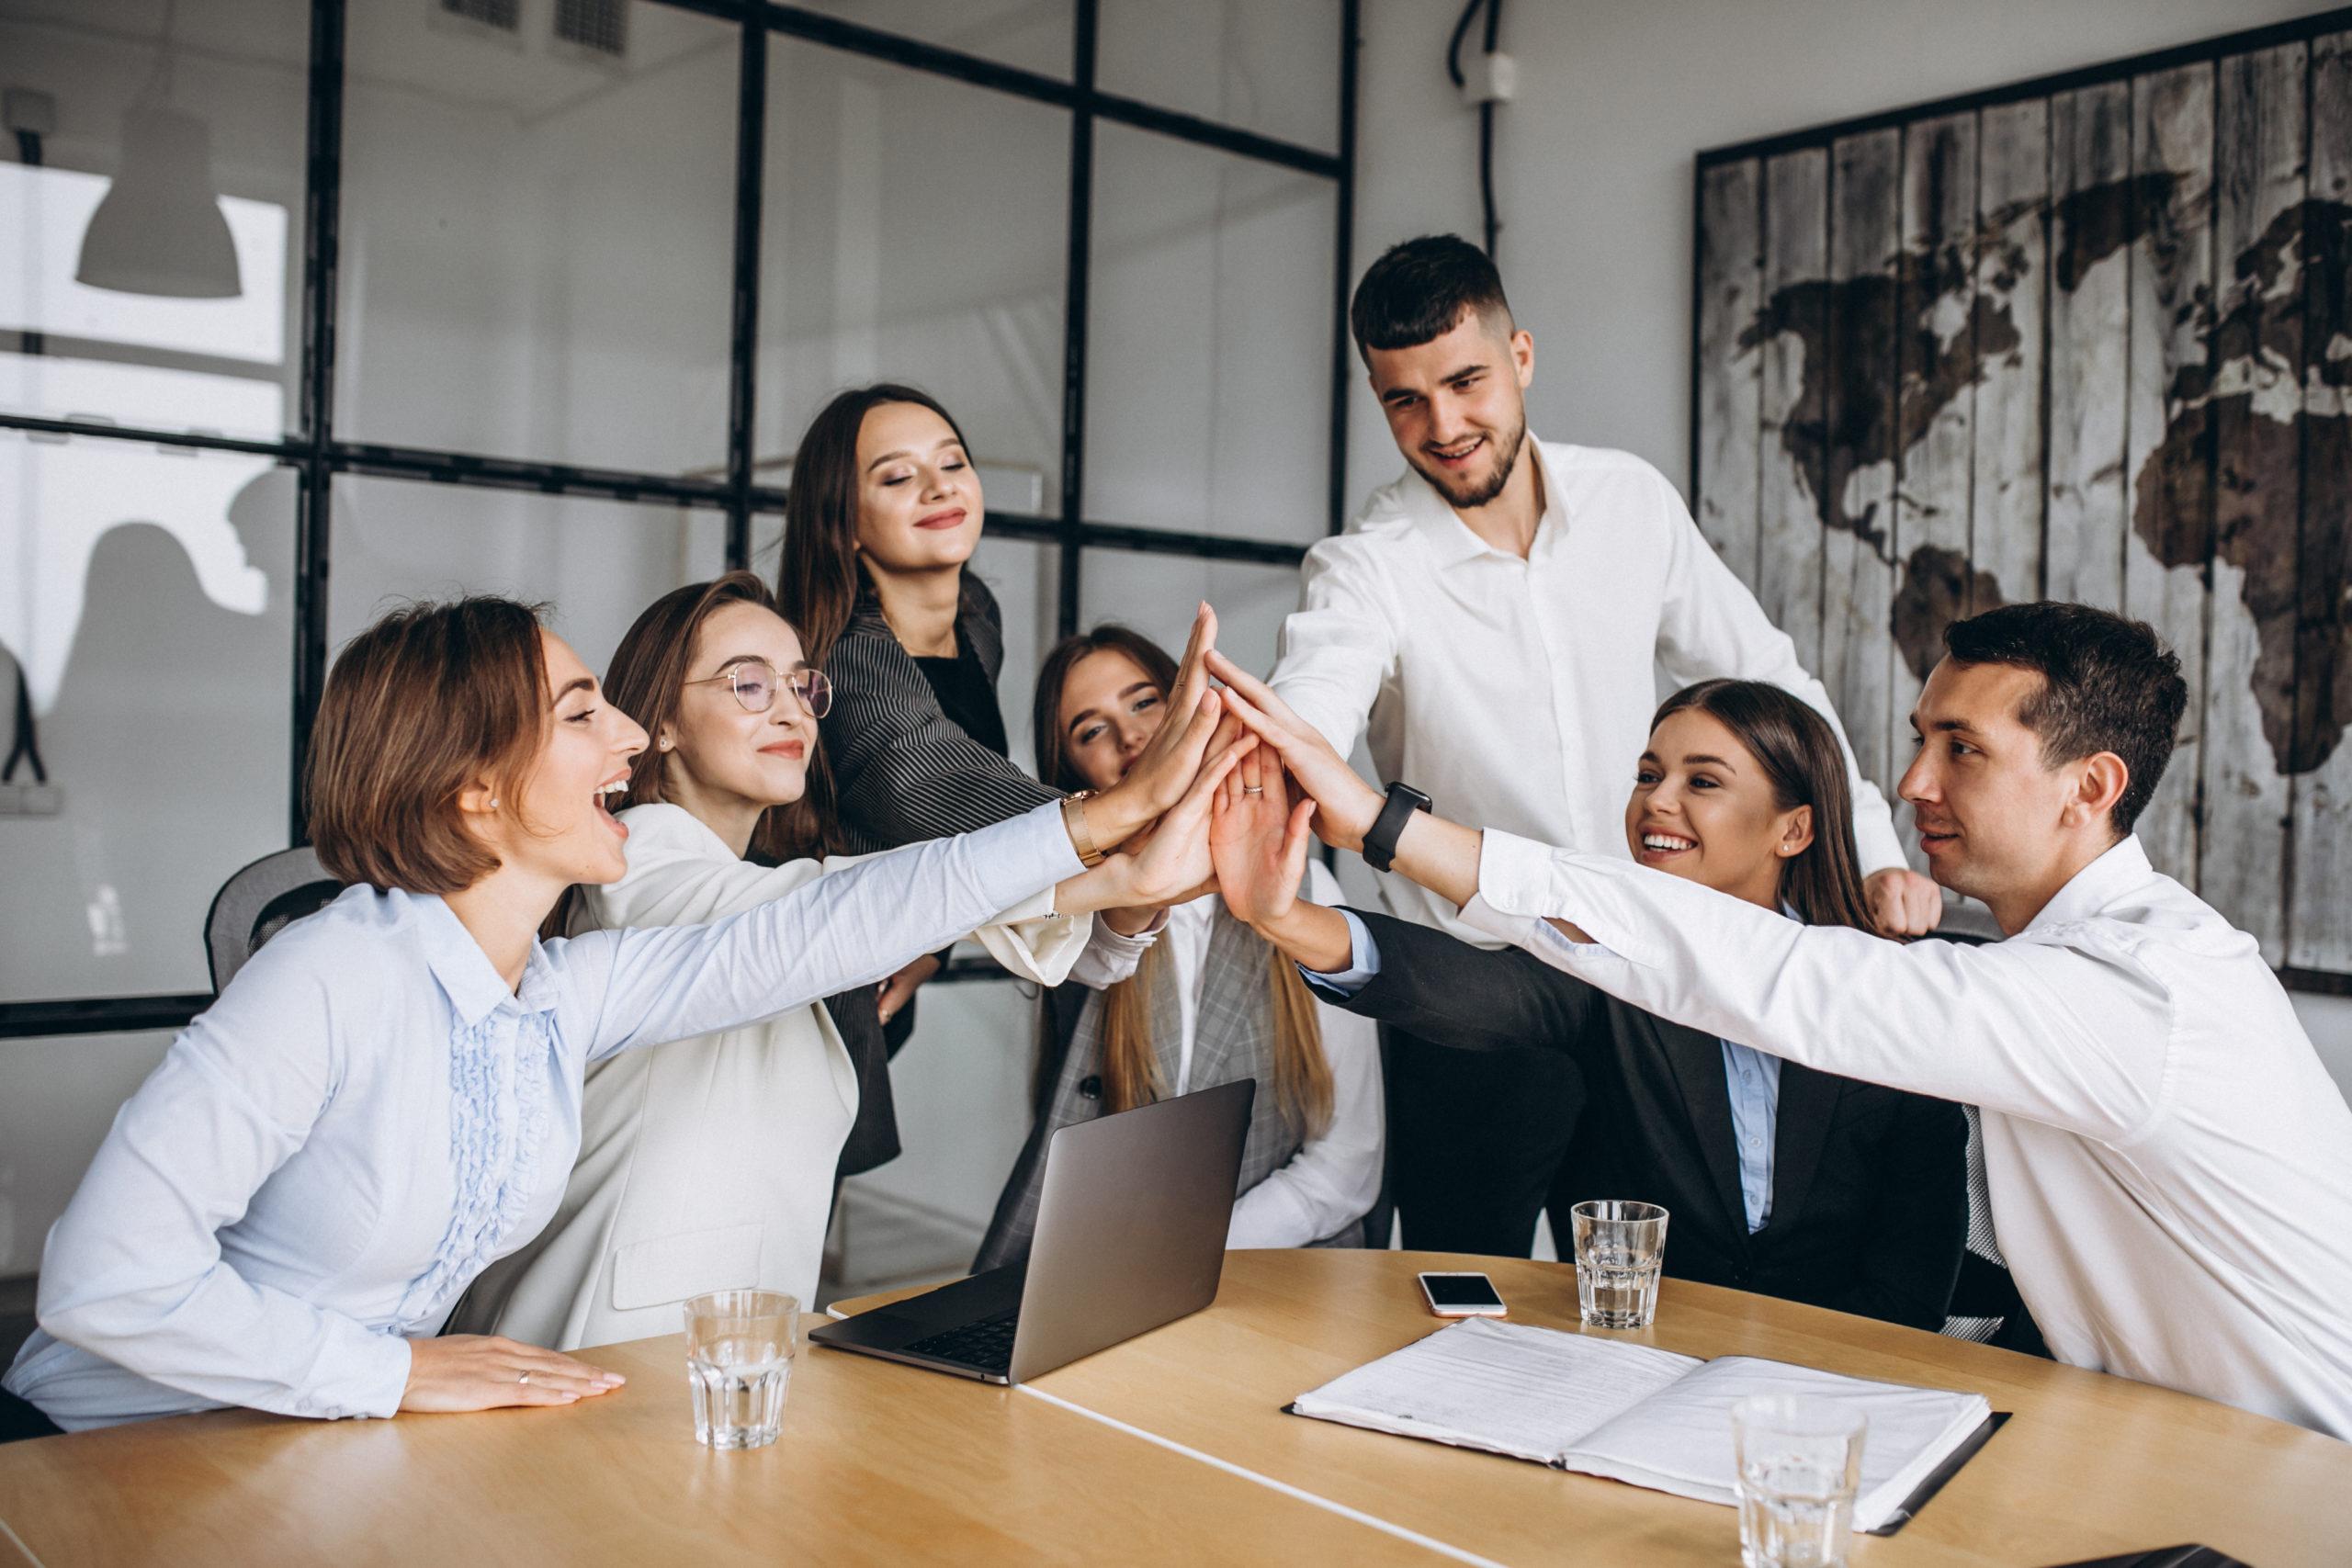 Aprenda a motivar sua equipe e atingir resultados